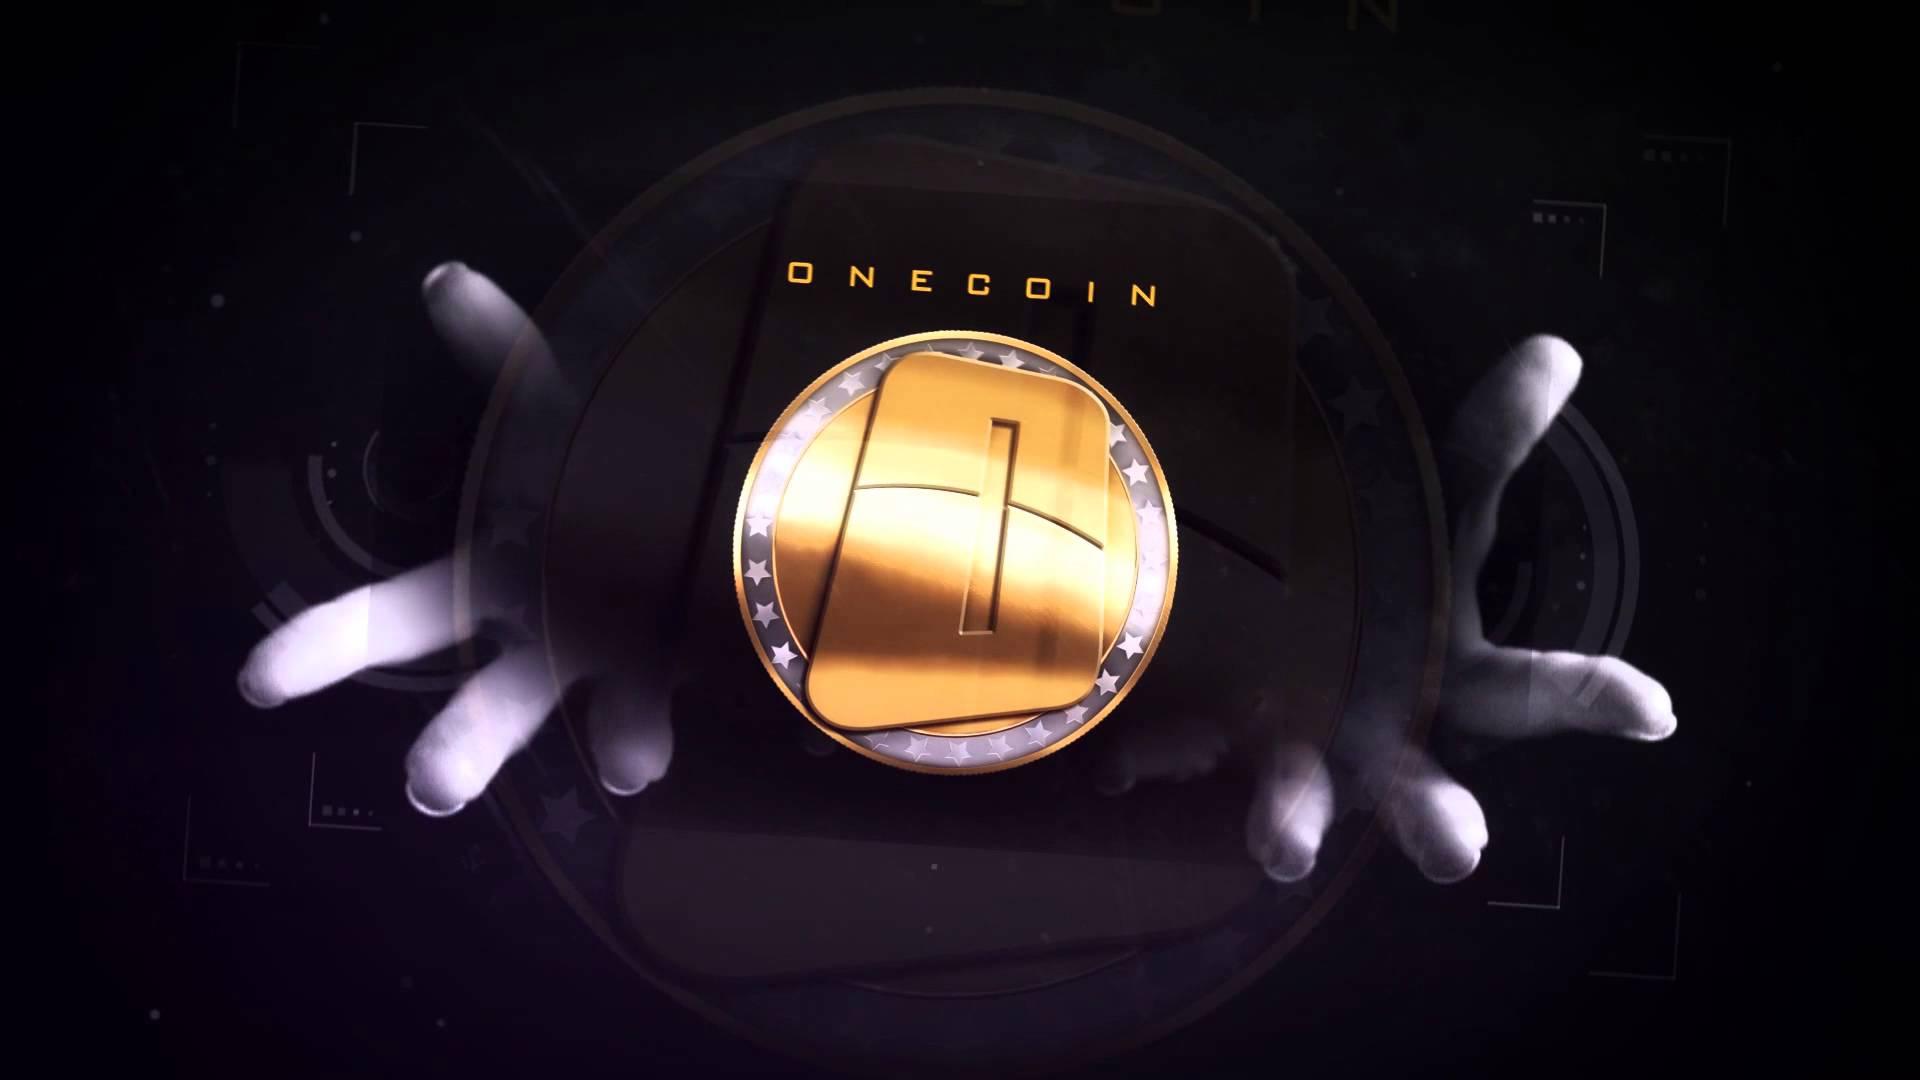 Leader Onecoin arrestato per truffa aggravata a migliaia di investitori - Leader Onecoin arrestato per truffa aggravata a migliaia di investitori